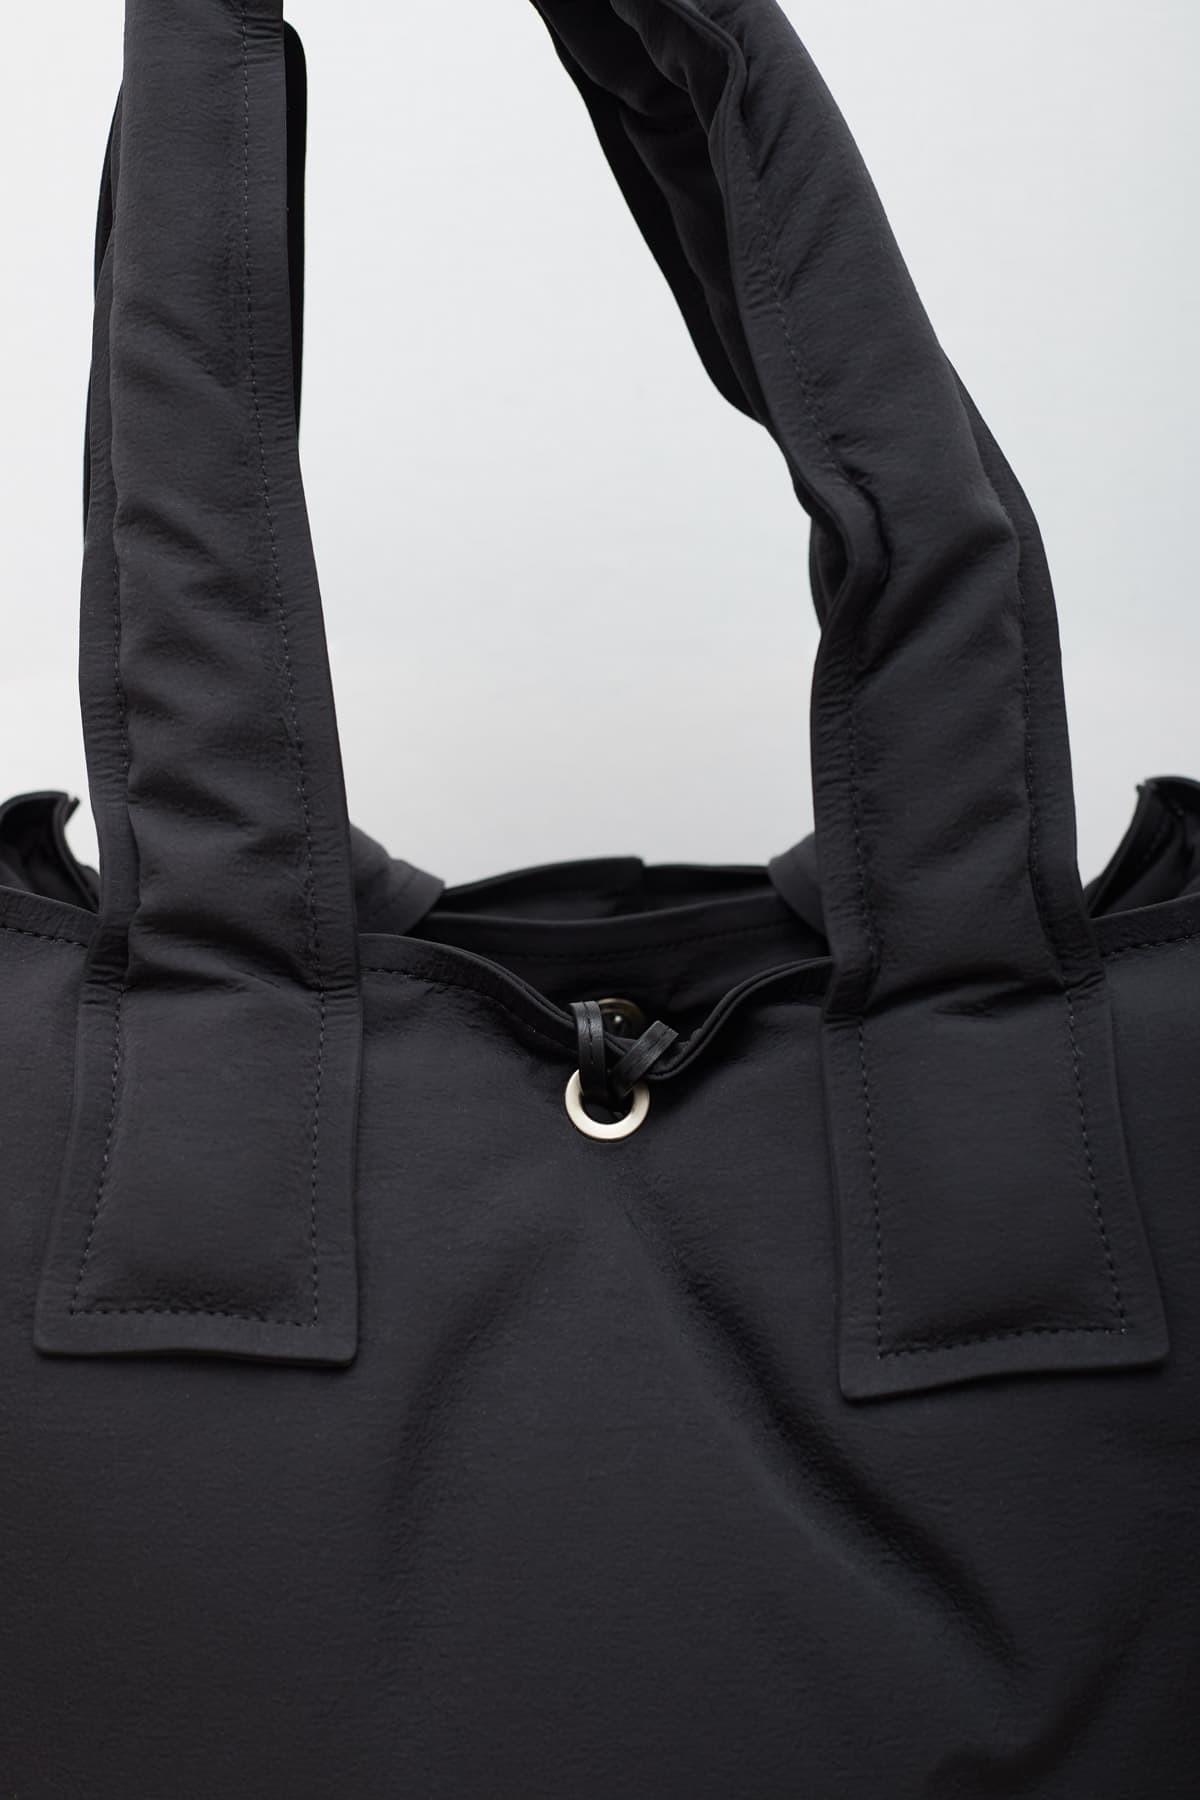 Shop Comme Des Garcons x Futura White W28006 Shirt